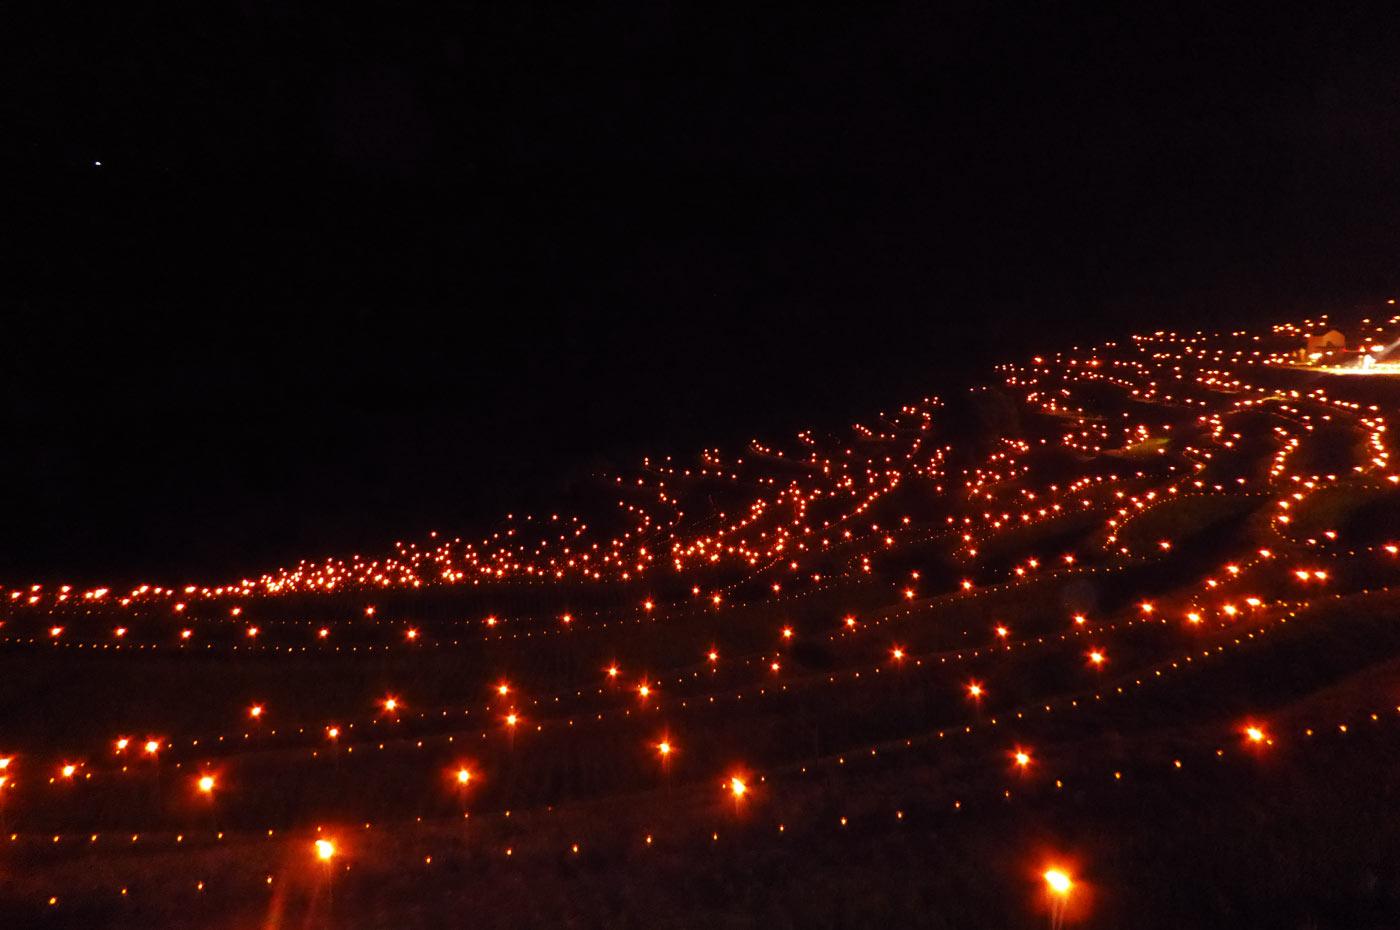 ライトアップされる棚田の画像